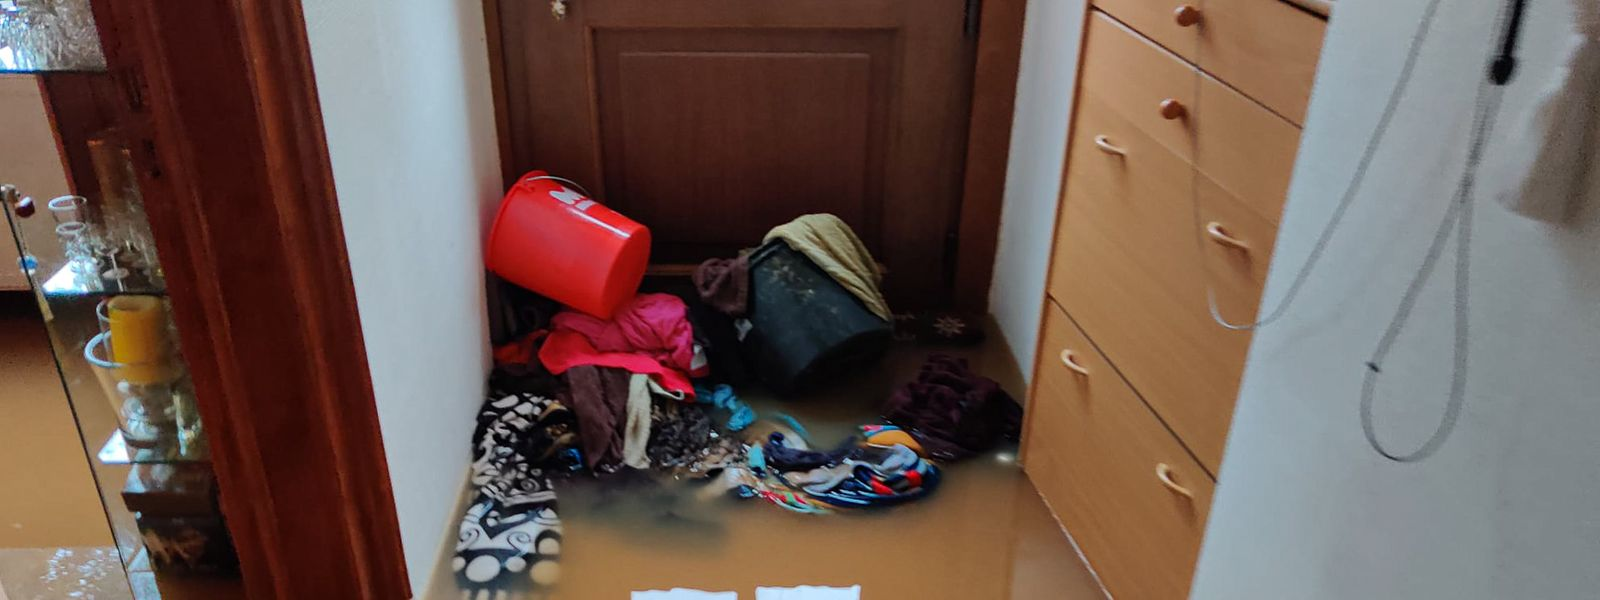 Die Familie von Viktor Wittal versuchte mit Gegenständen und Tüchern das Wasser an der Eingangstür zu stoppen - nichts half.